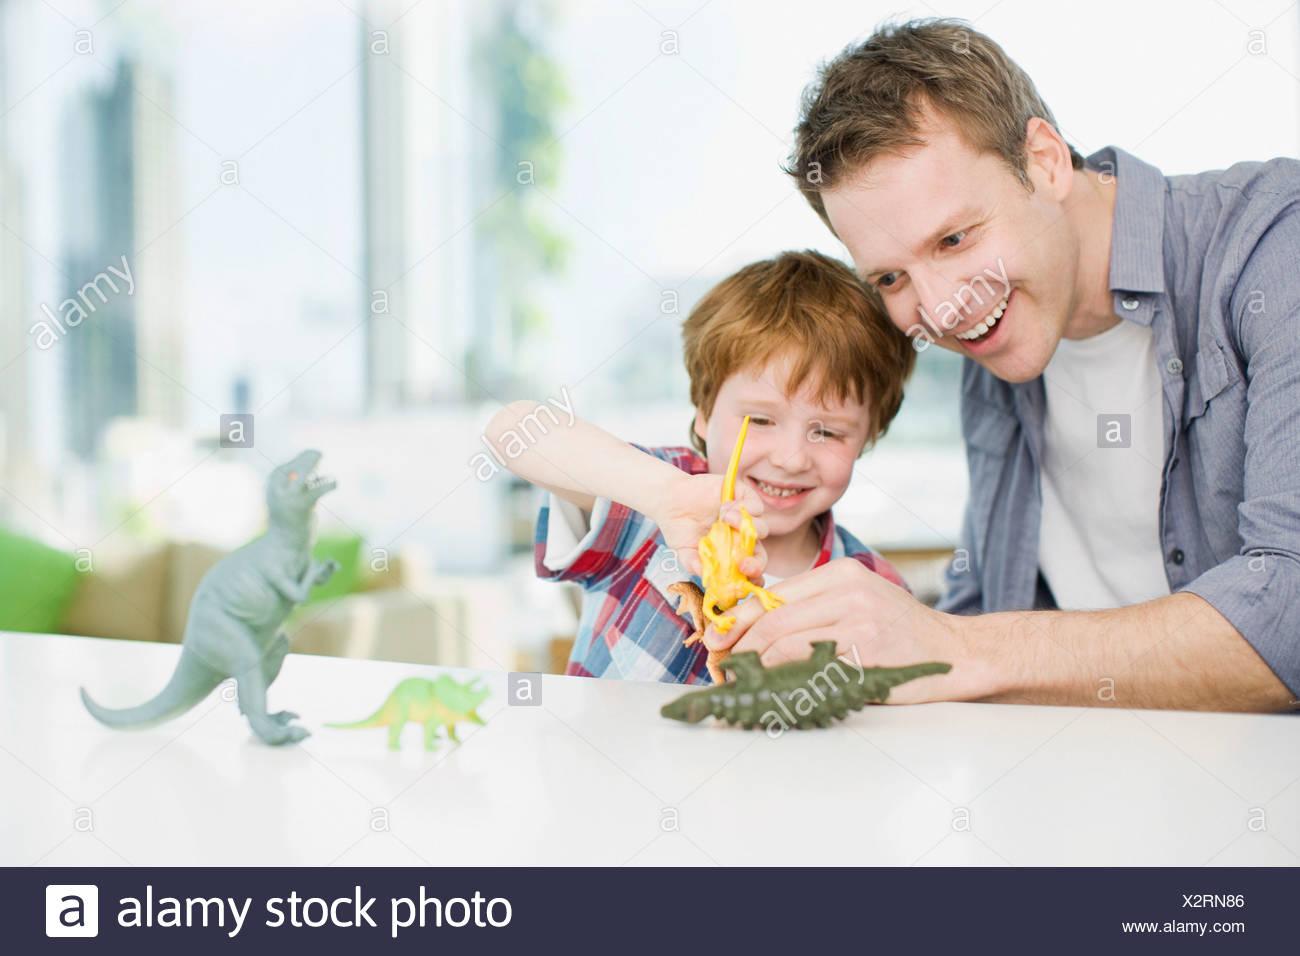 Vater und Sohn spielen mit Spielzeug Dinosaurier Stockbild